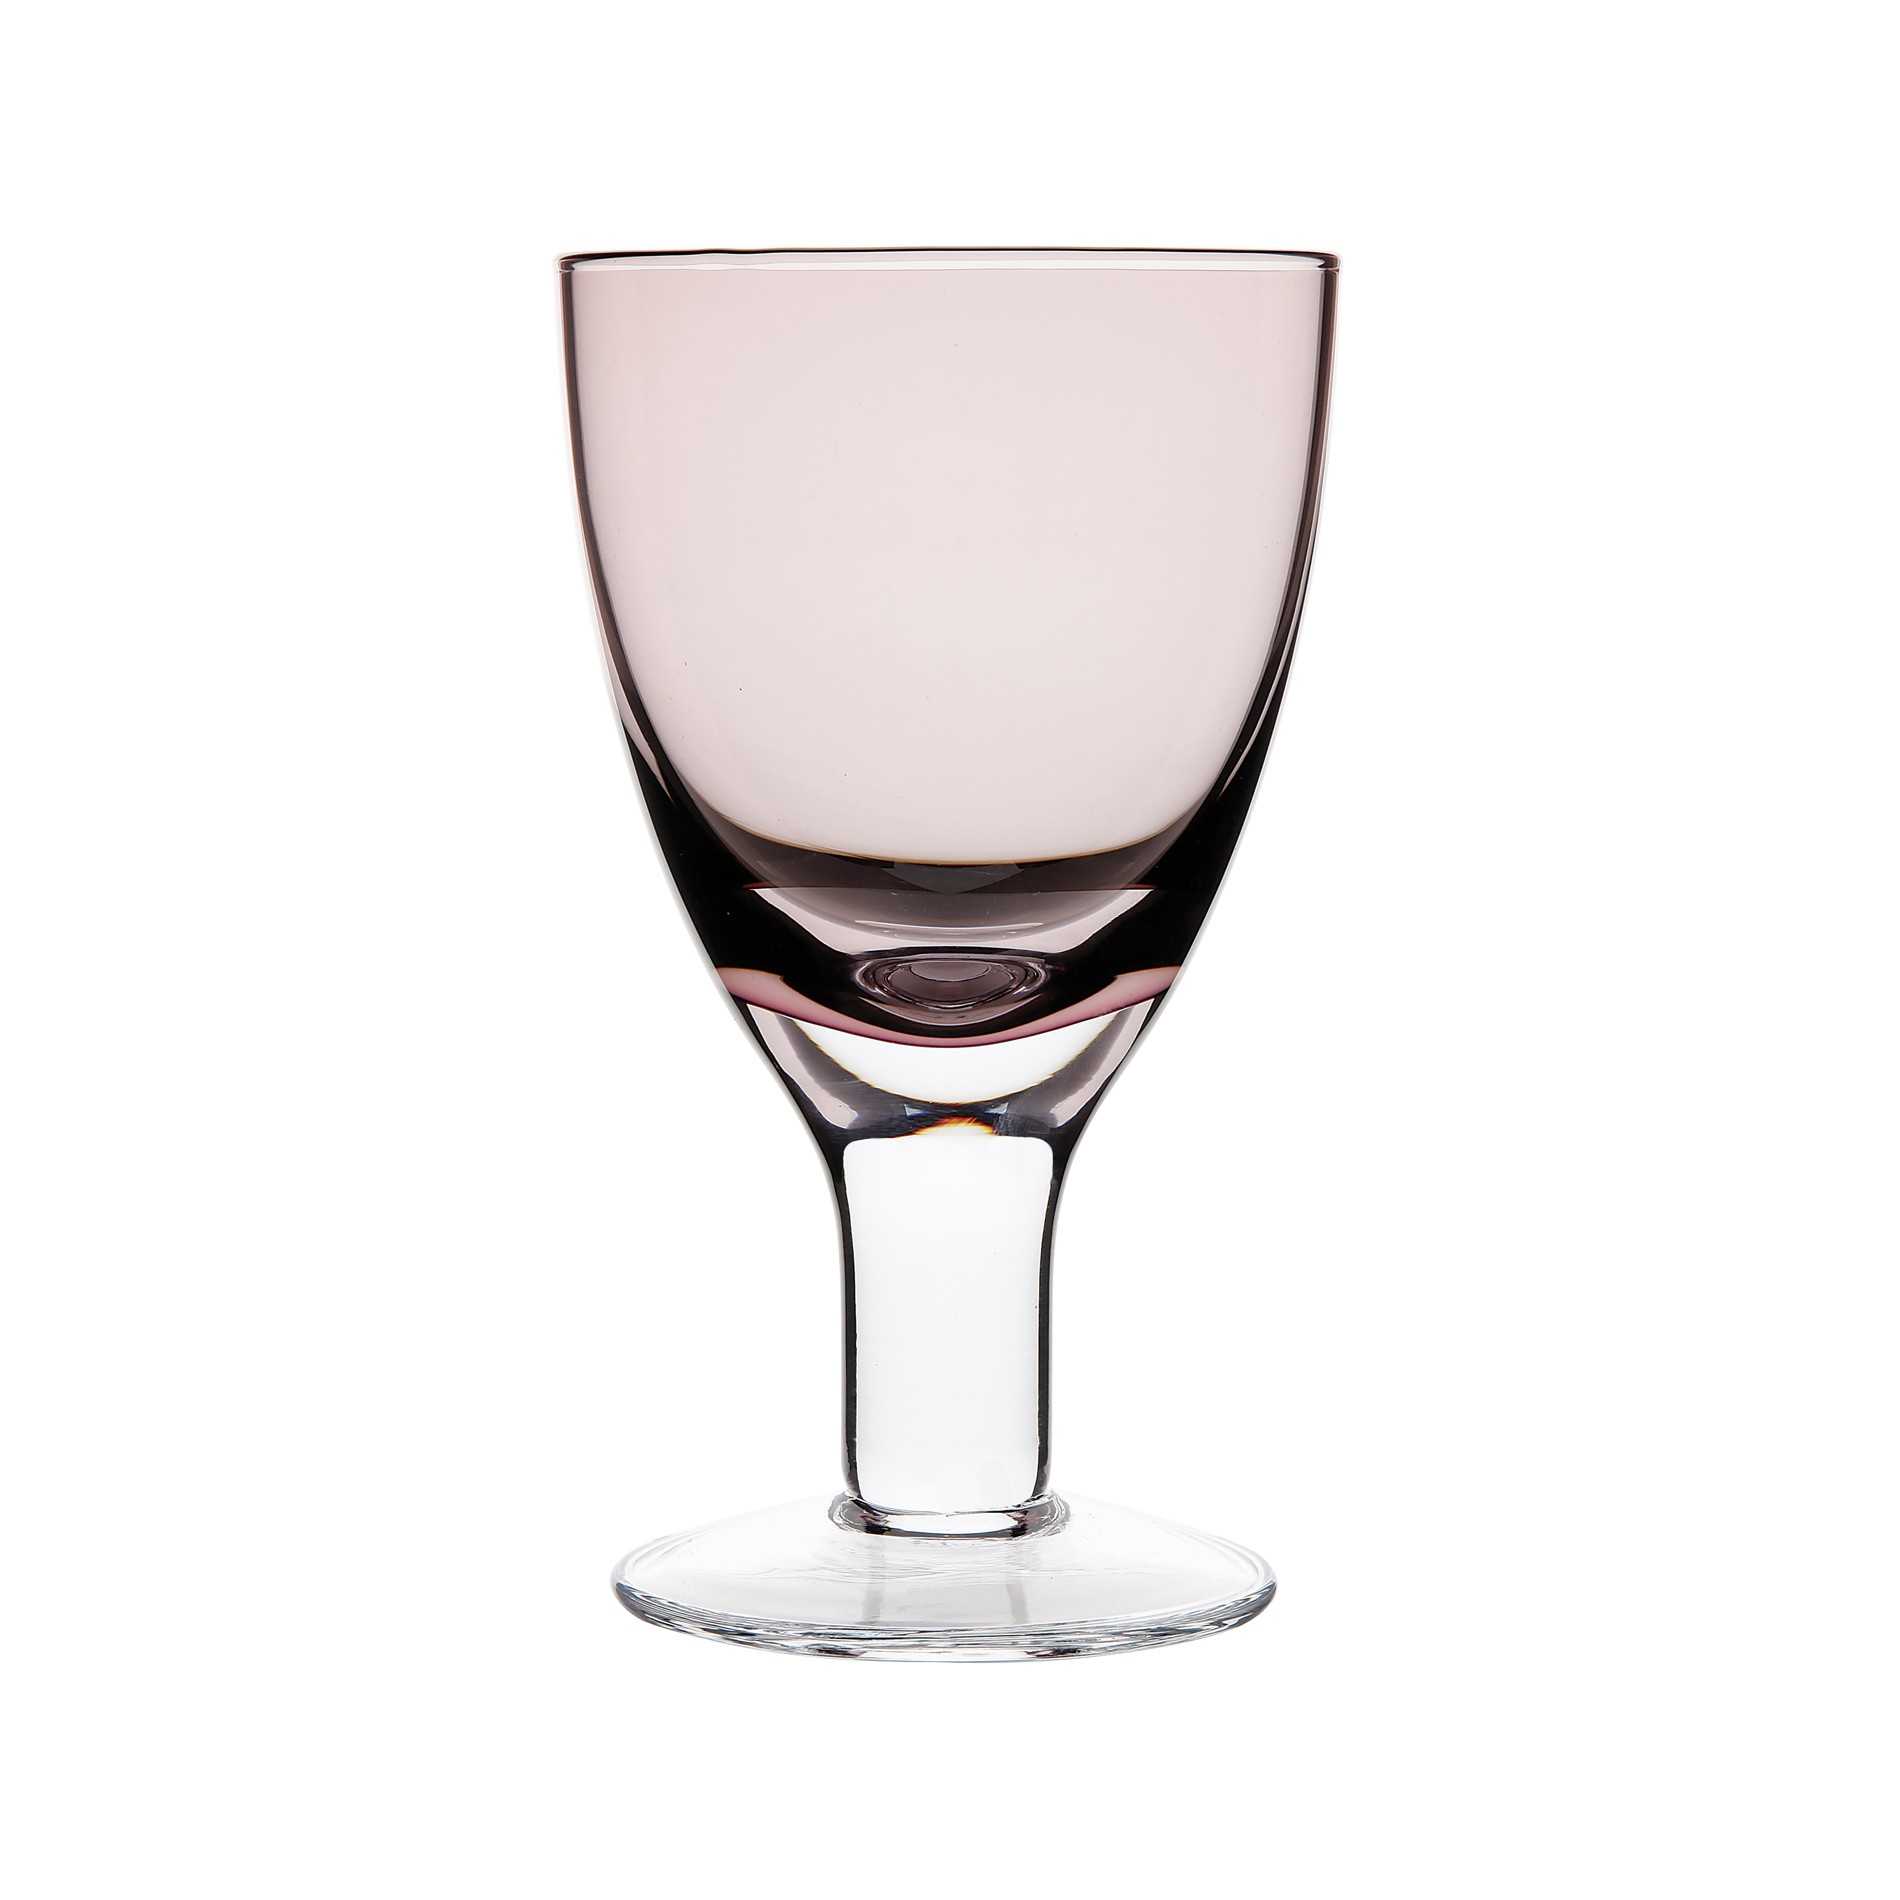 Ποτήρι Νερού Spring Σετ 6Τμχ Μωβ 320ml Ionia home   ειδη σερβιρισματος   ποτήρια